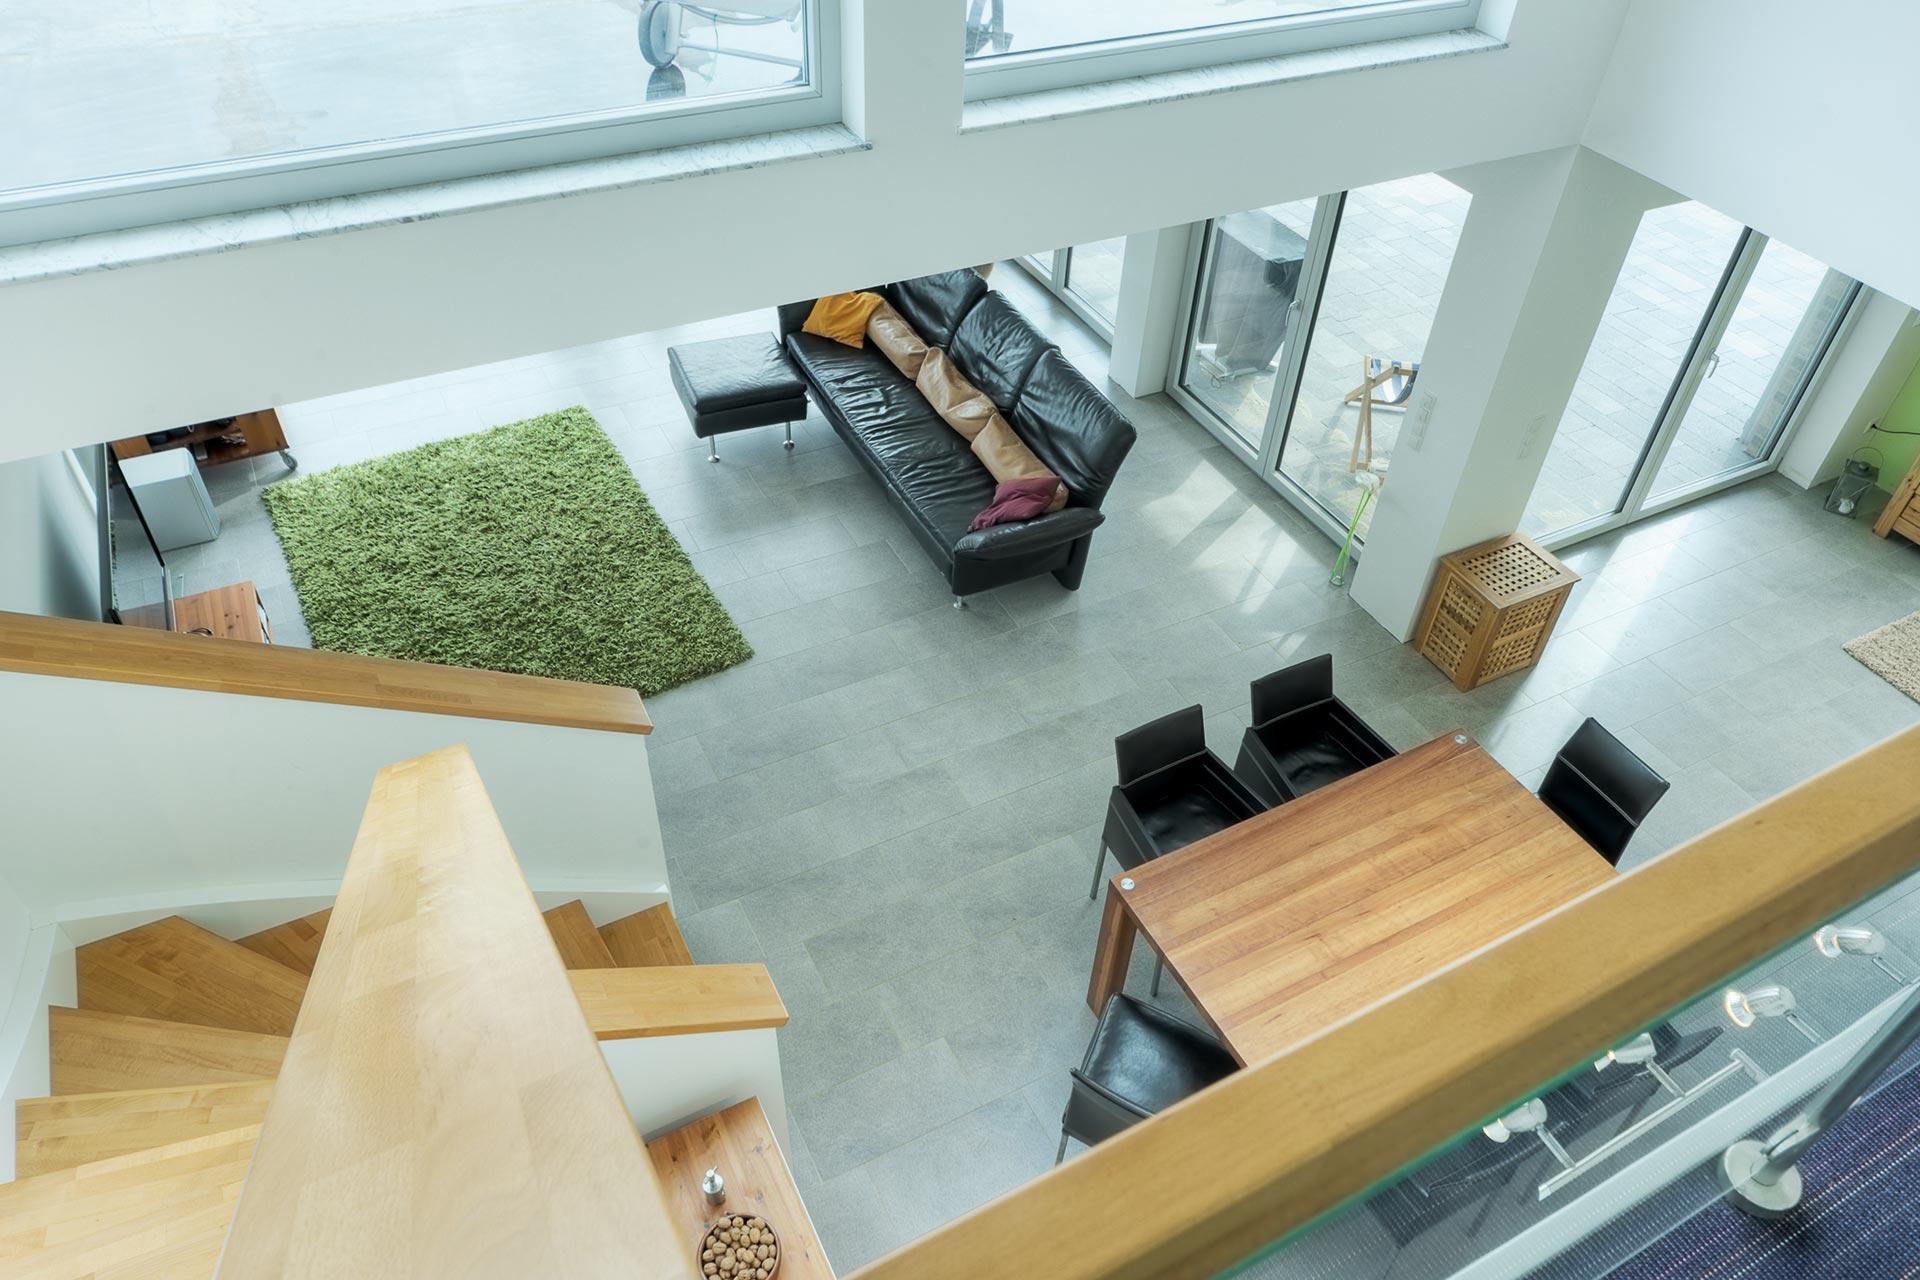 gussek haus so viel ist inklusive inklusivleistungen f r ihr fertighaus vorteile gussek. Black Bedroom Furniture Sets. Home Design Ideas